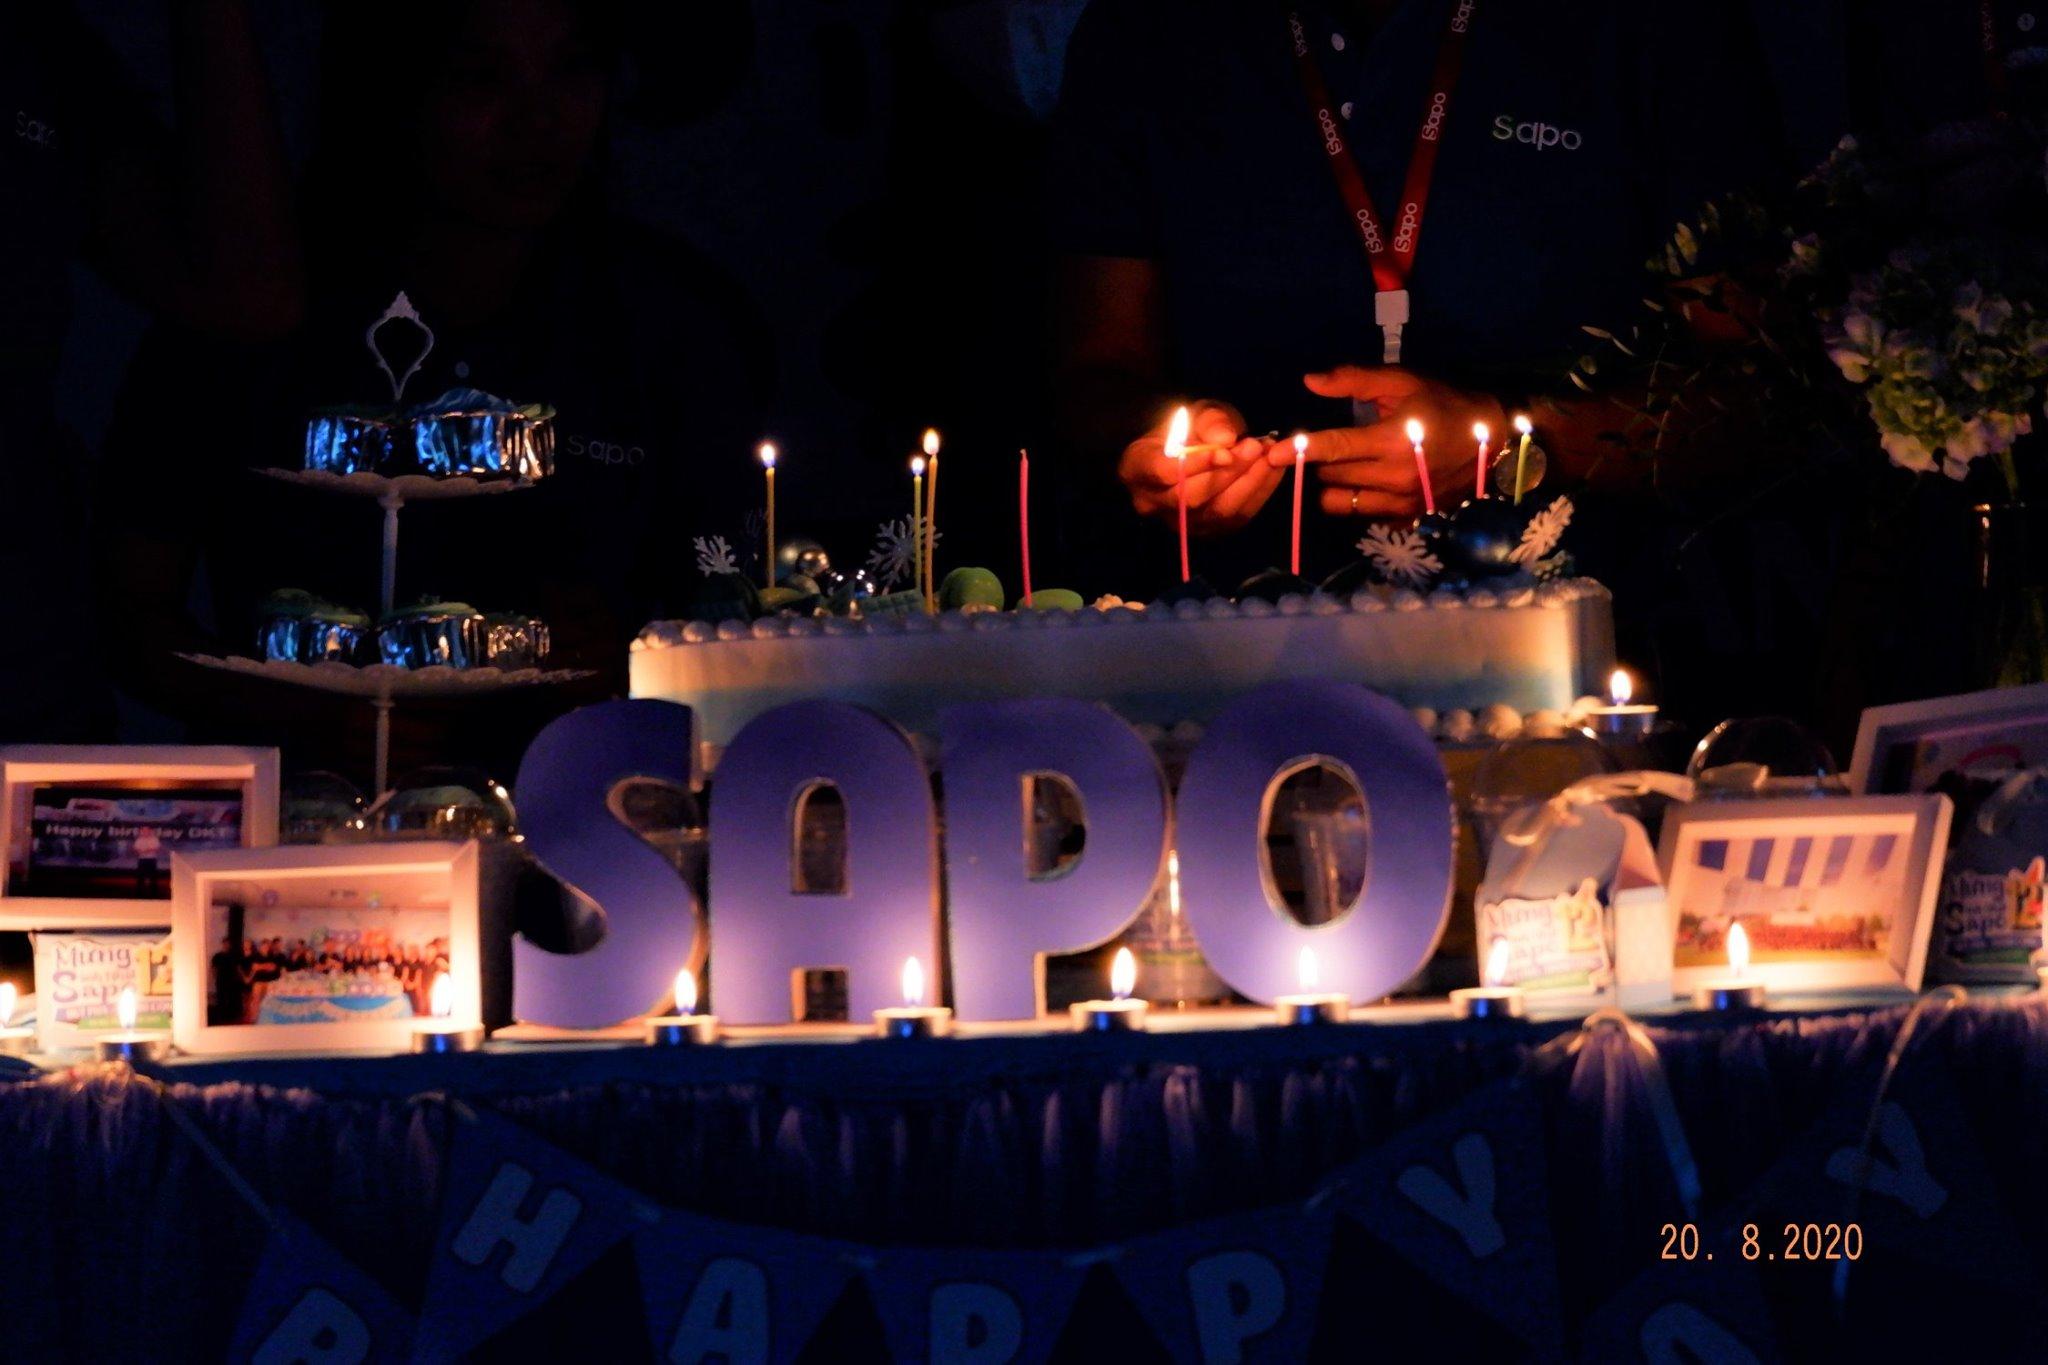 Khoảnh khắc sinh nhật của Sapo lần thứ 12 tại 3 miền.